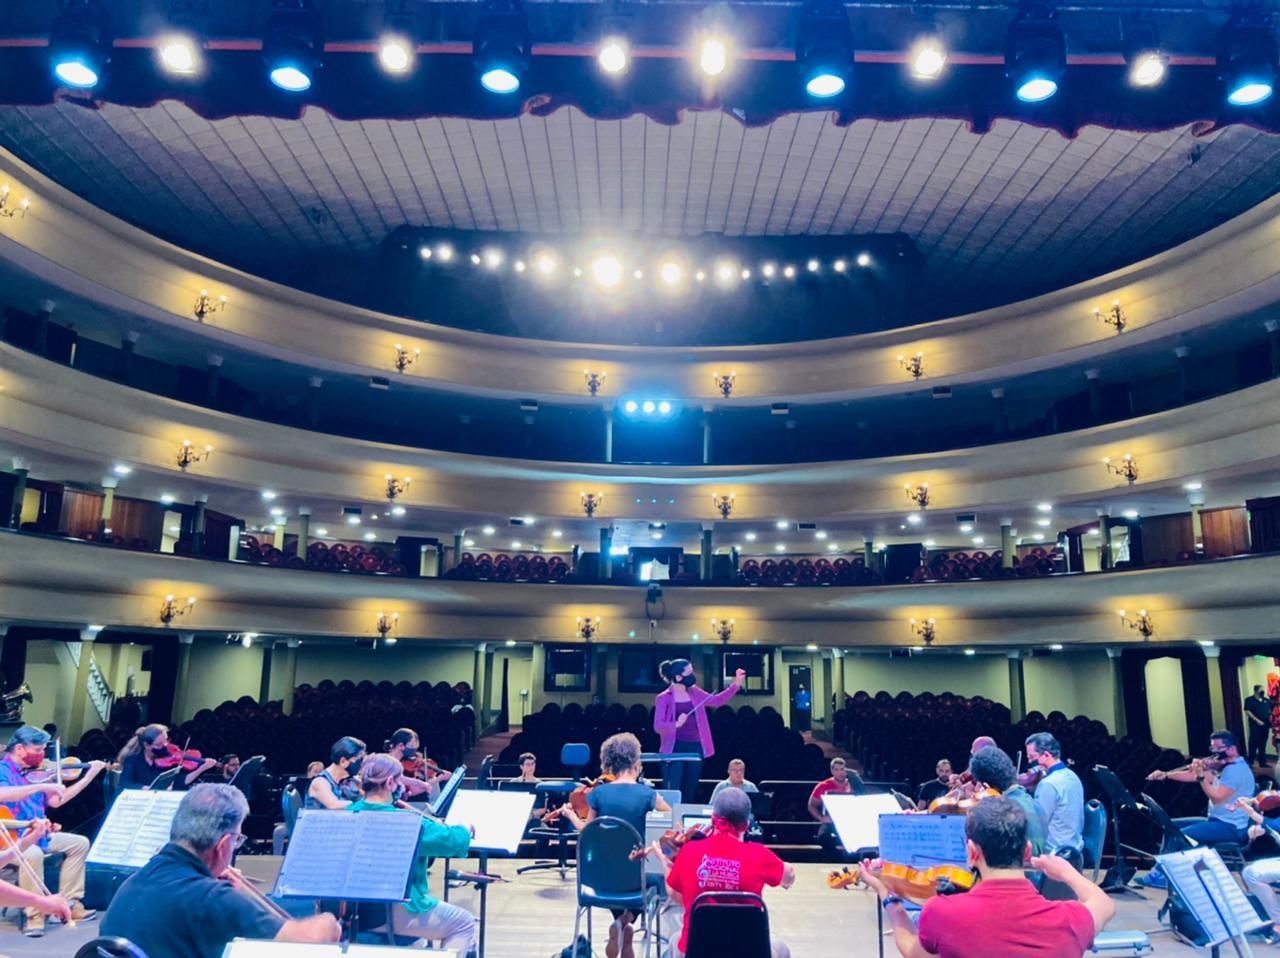 Orquesta Sinfónica Nacional presentará dos conciertos didácticos para niños y jóvenes